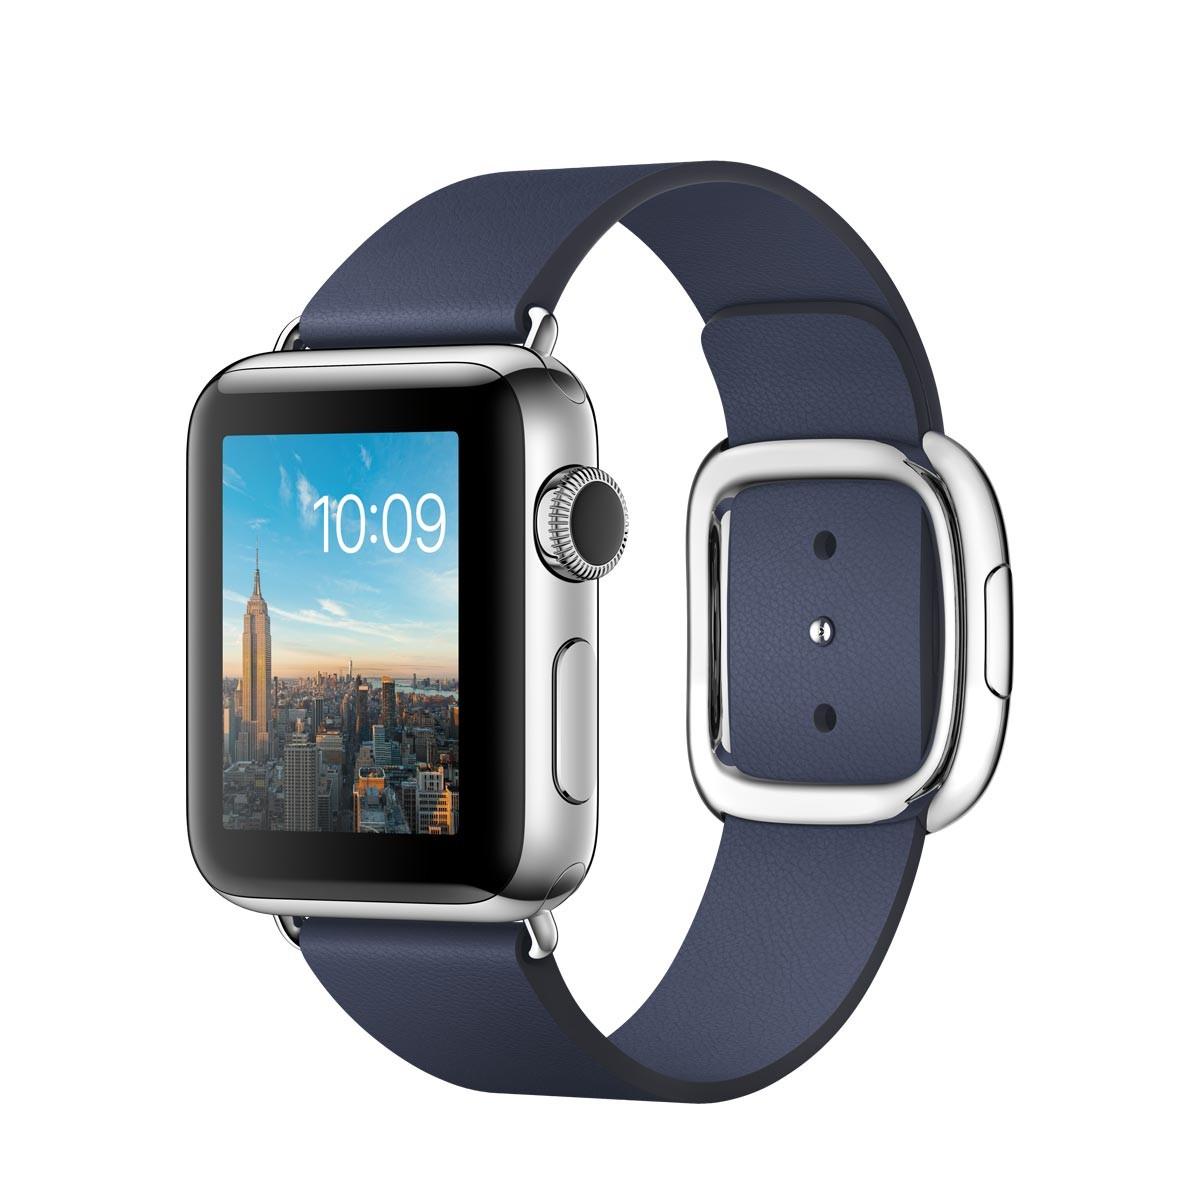 Apple Watch Series 2 - 38mm pouzdro z nerezové oceli – půlnočně modrý řemínek s moderní přezkou M